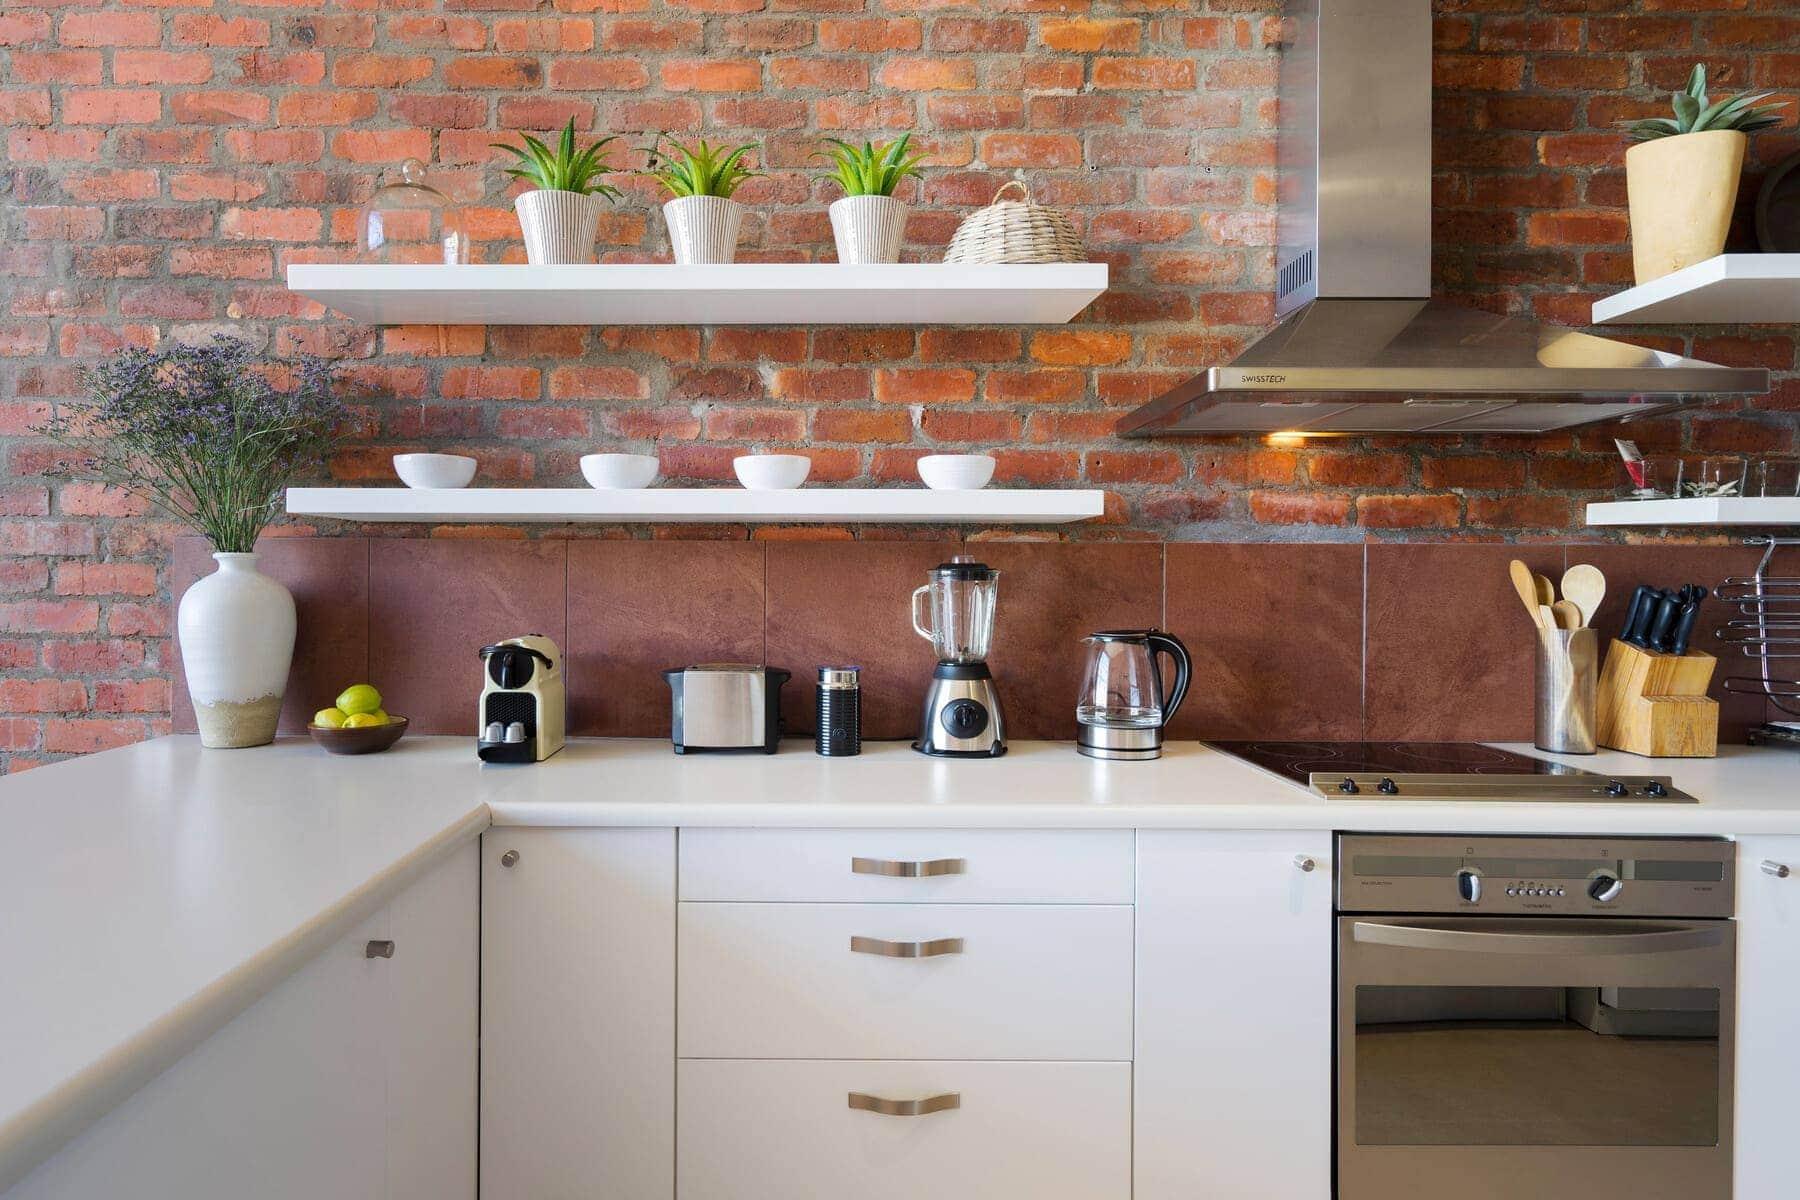 capetown kitchen